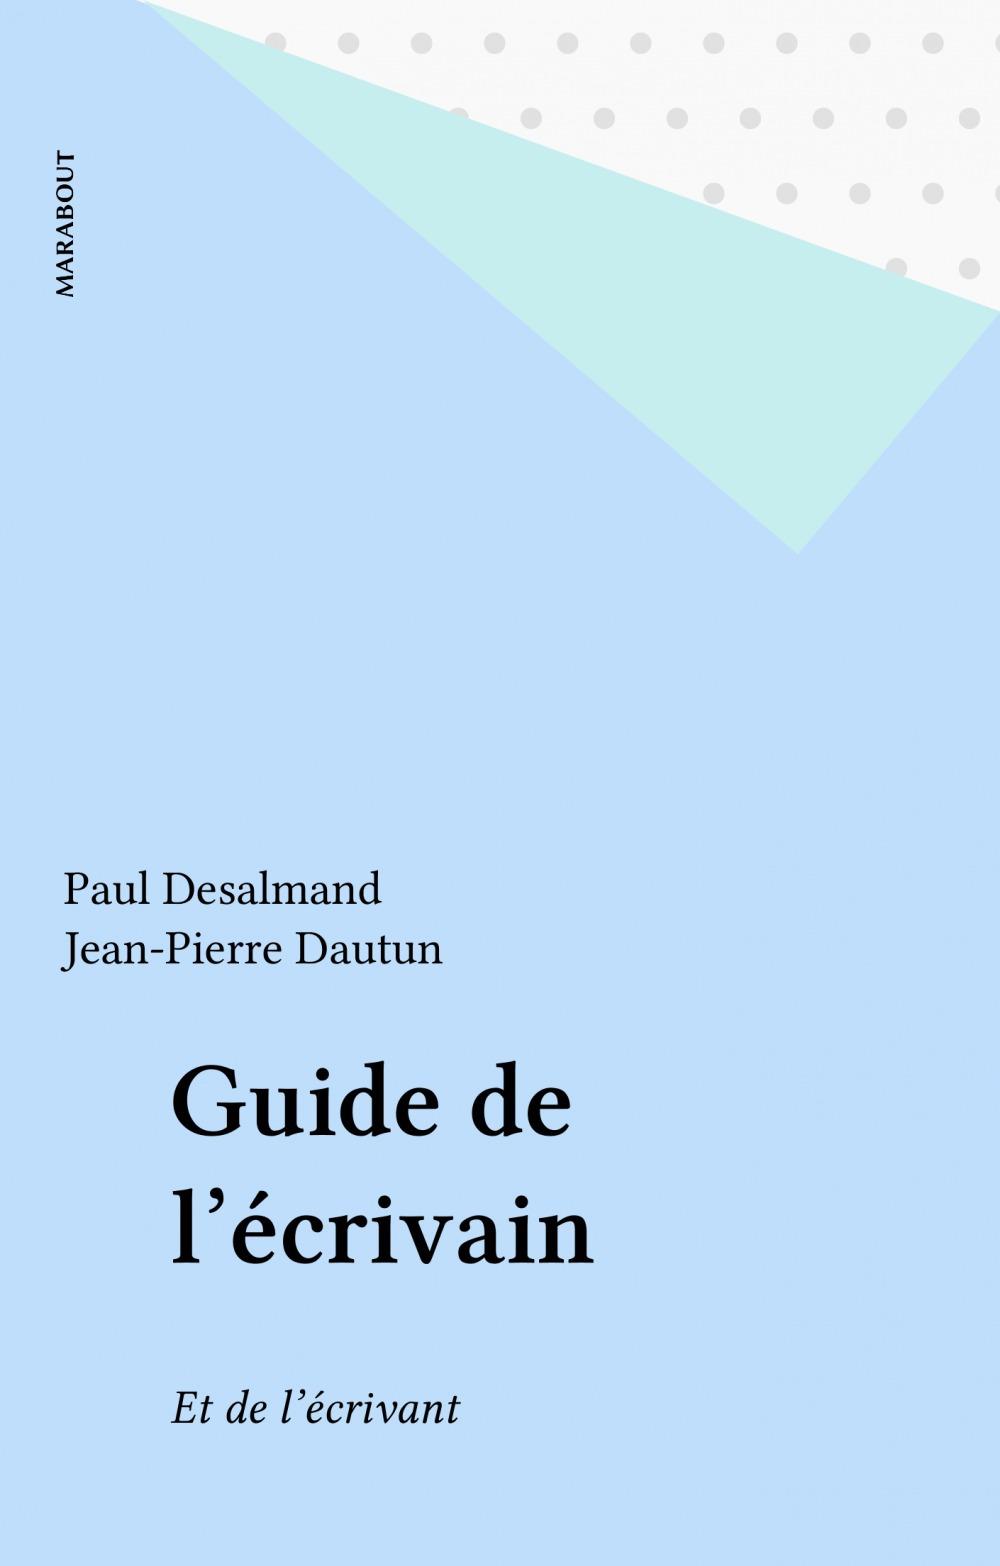 Guide de l'ecrivain